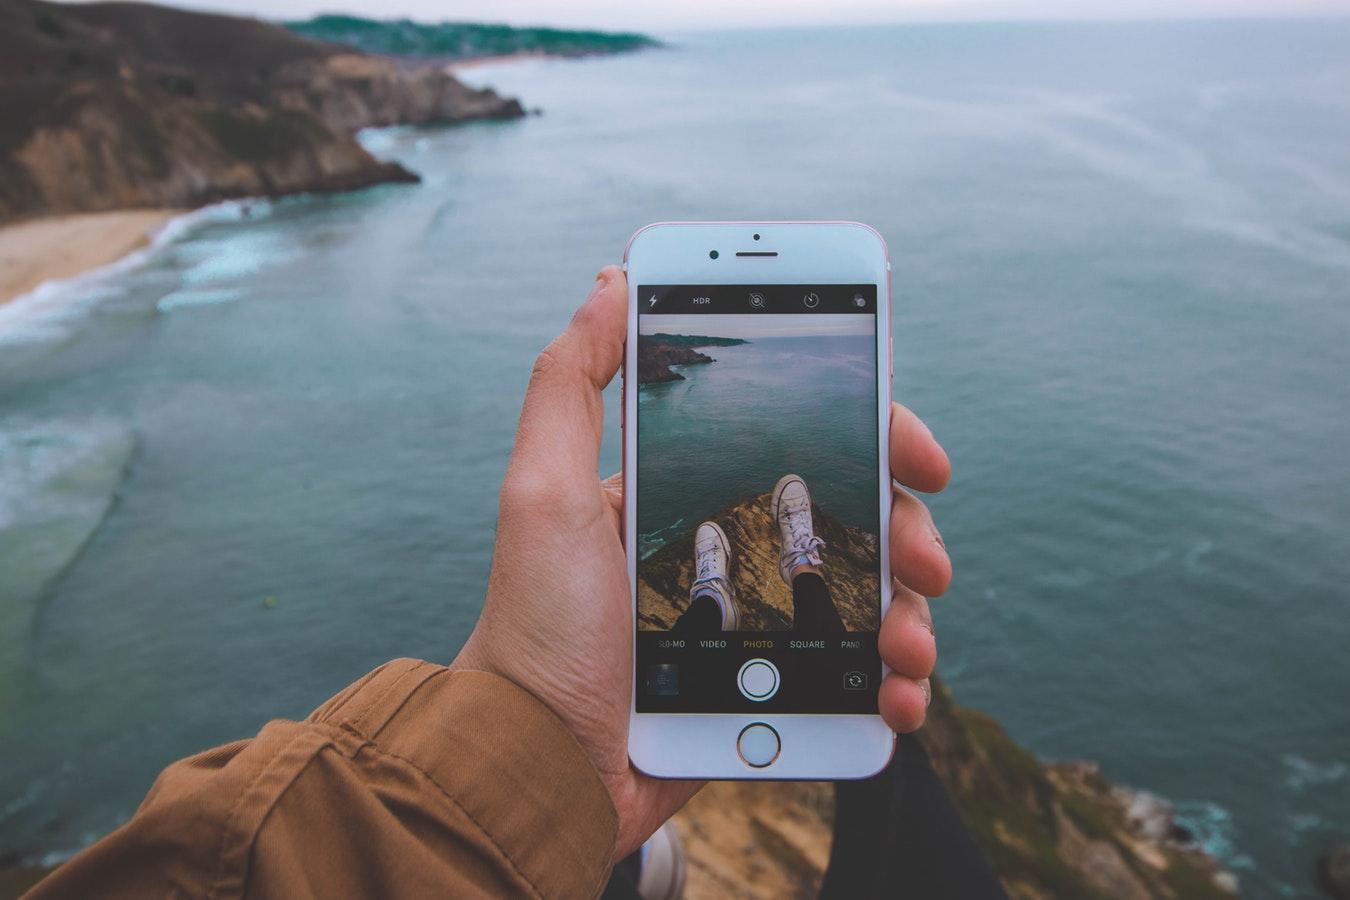 Internetten in het buitenland, foto met telefoon